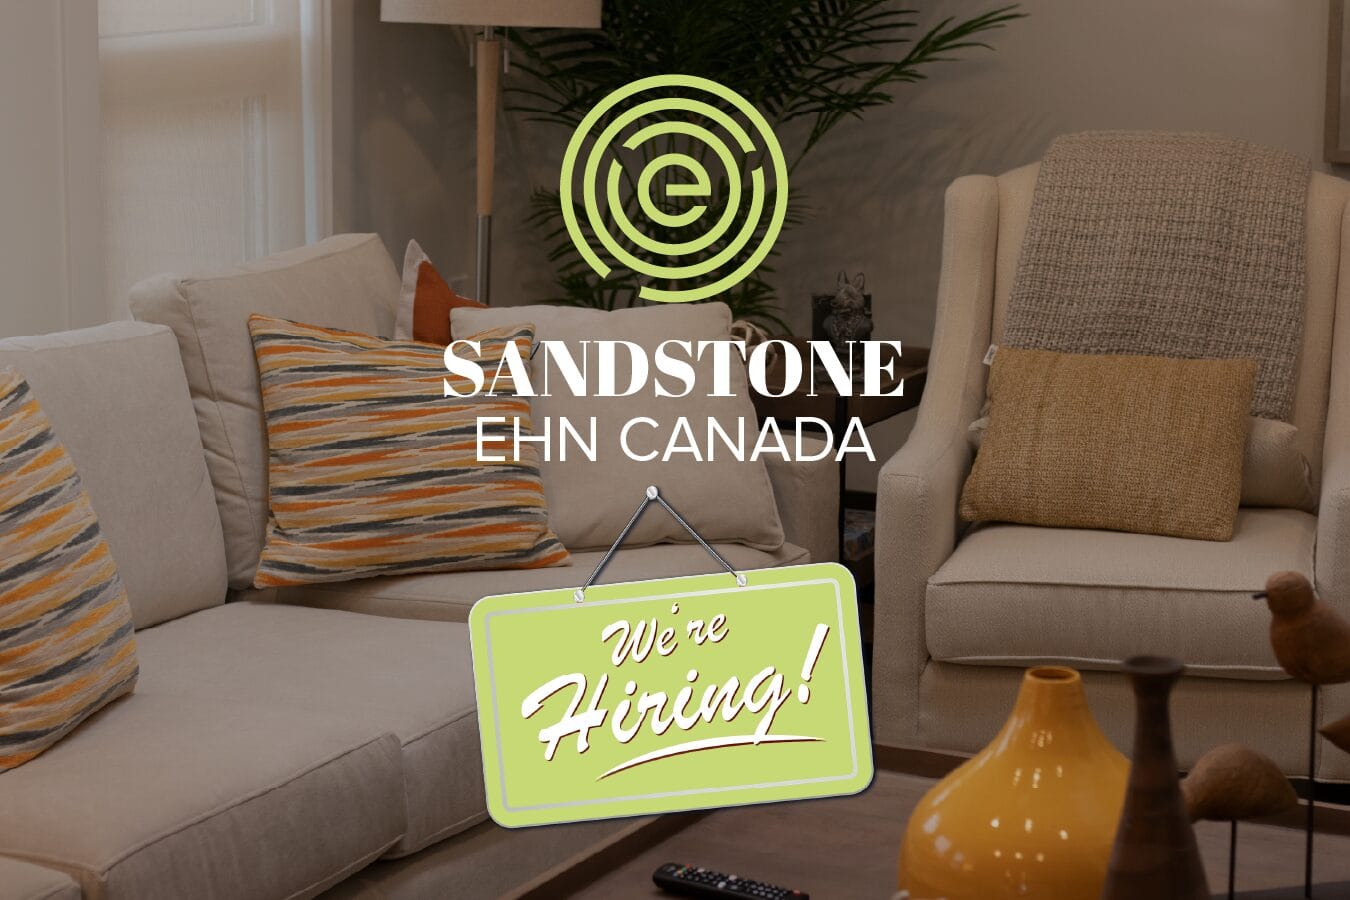 We're Hiring Sandstone EHN Canada